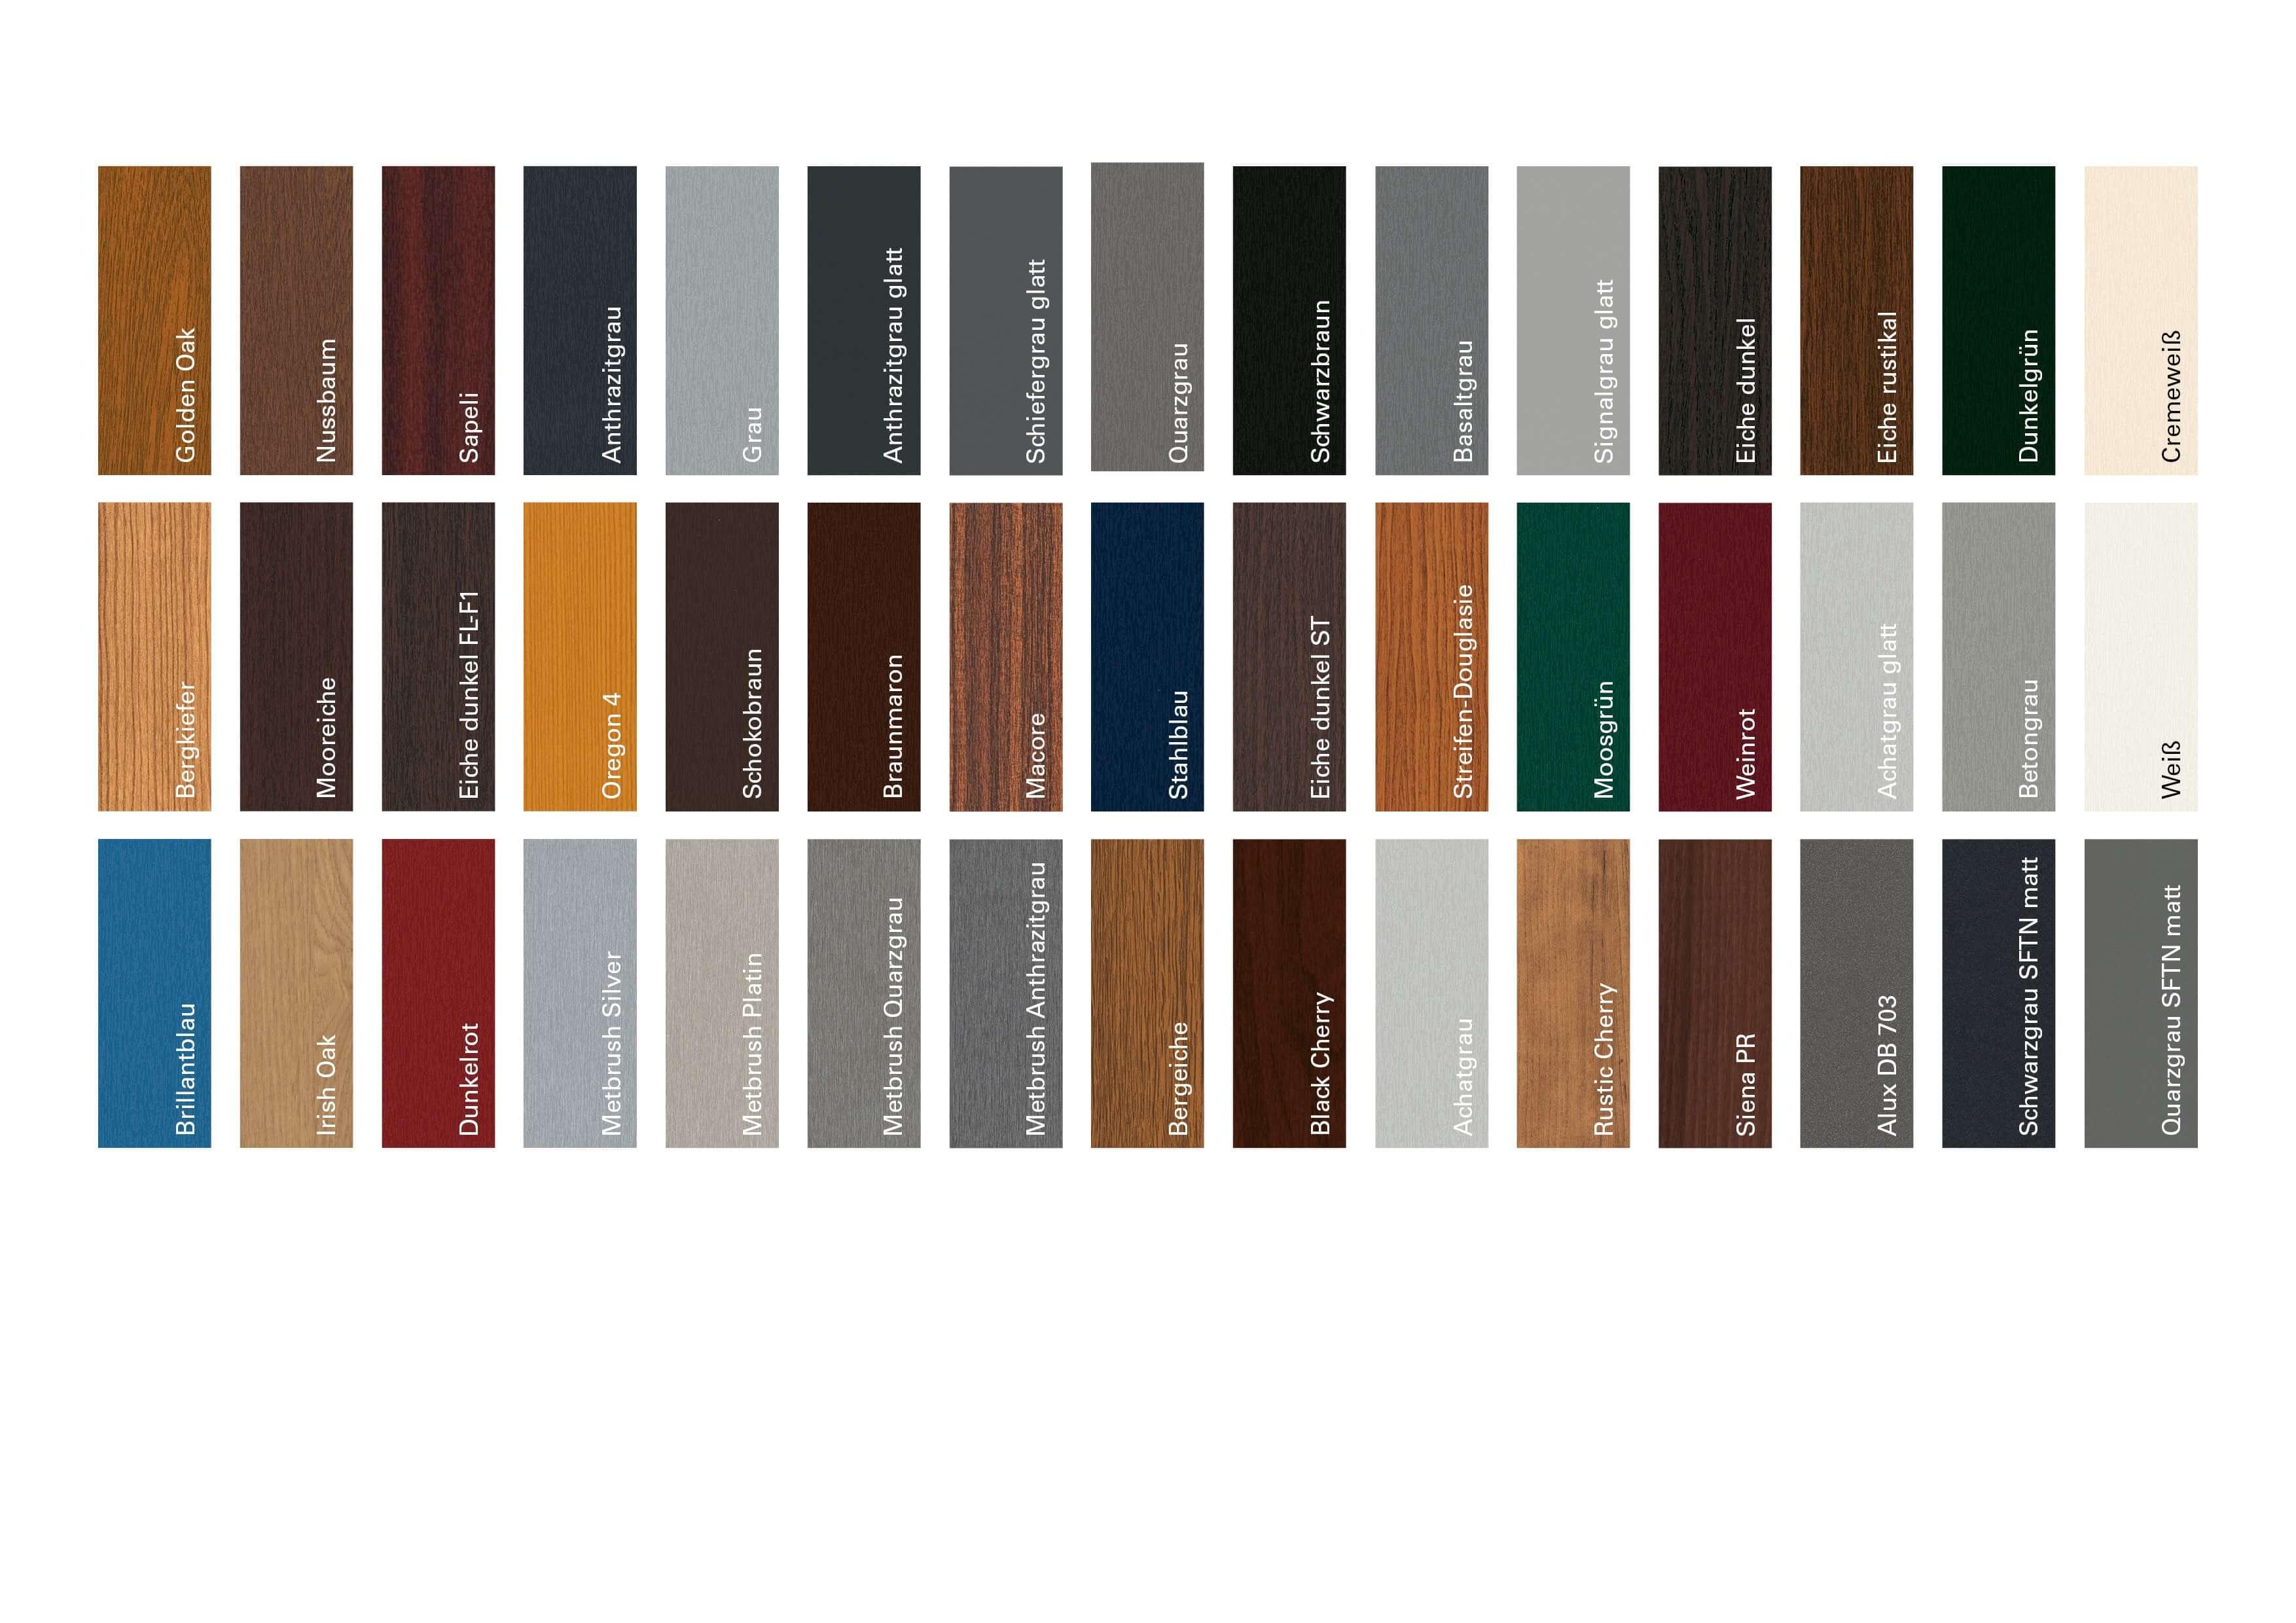 Berühmt Fensterrahmen Farben - Reich Fenstervisionen LY37